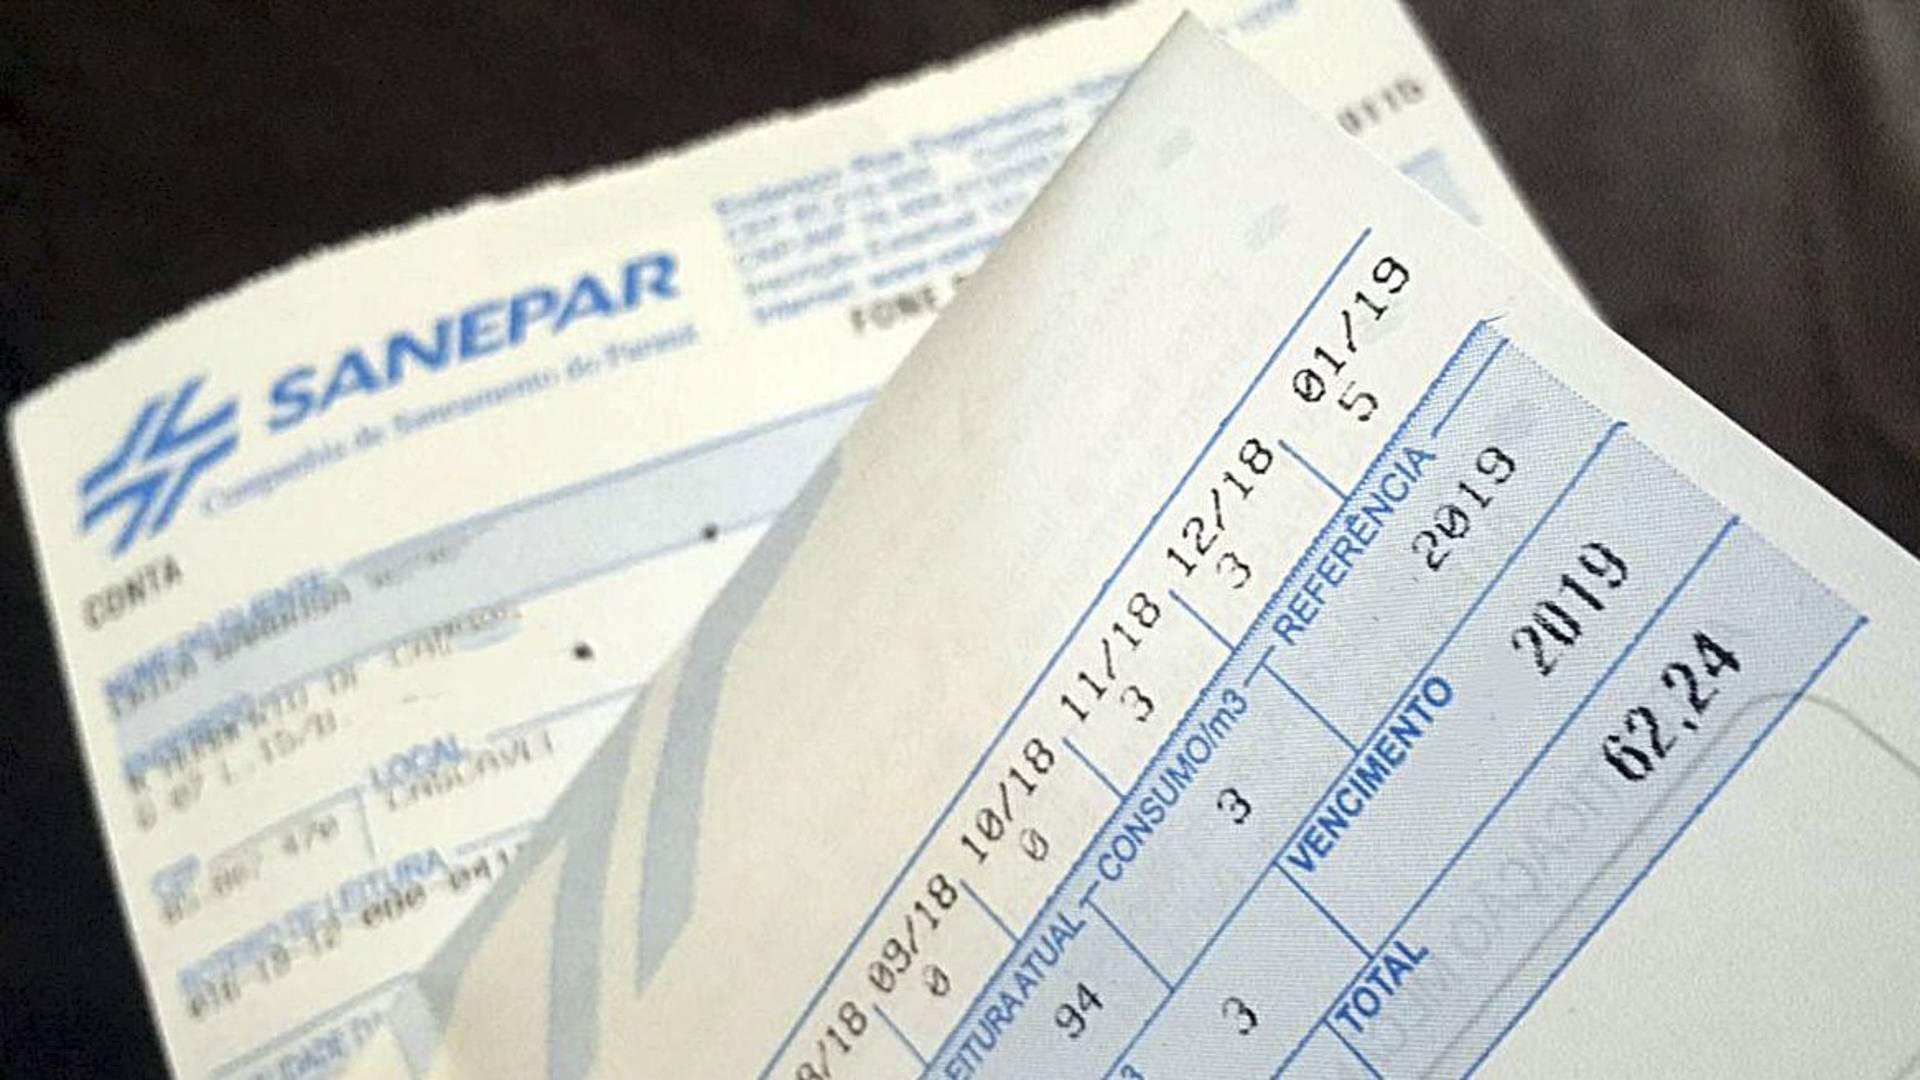 Sanepar inicia programa de parcelamento de dívidas em até 60 meses